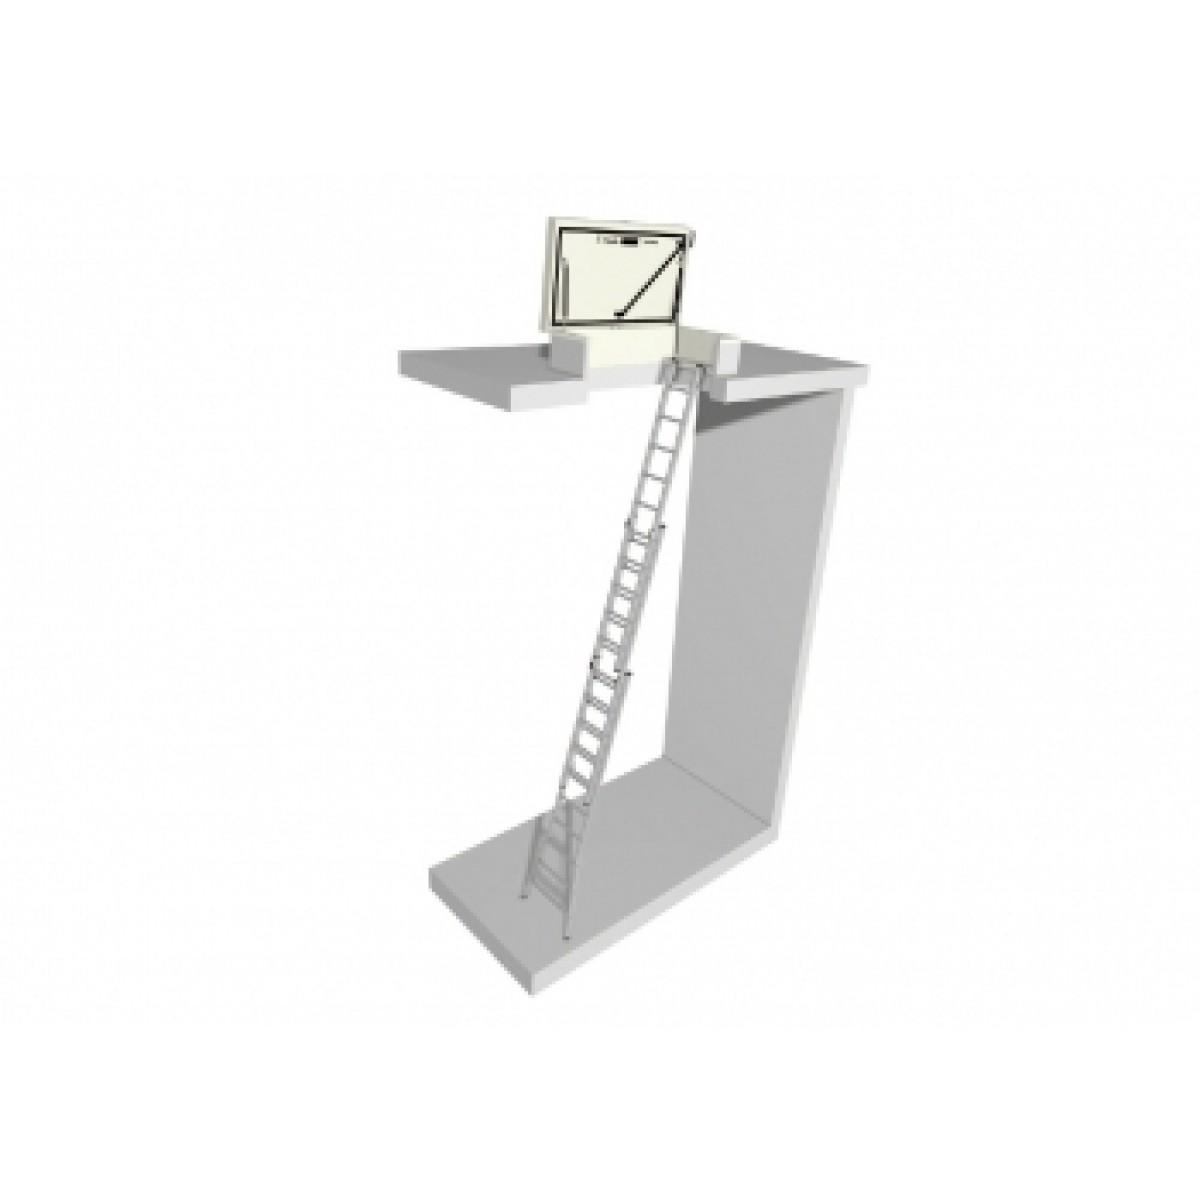 Echelle Amovible Pour Trappe De Toit Escaliers